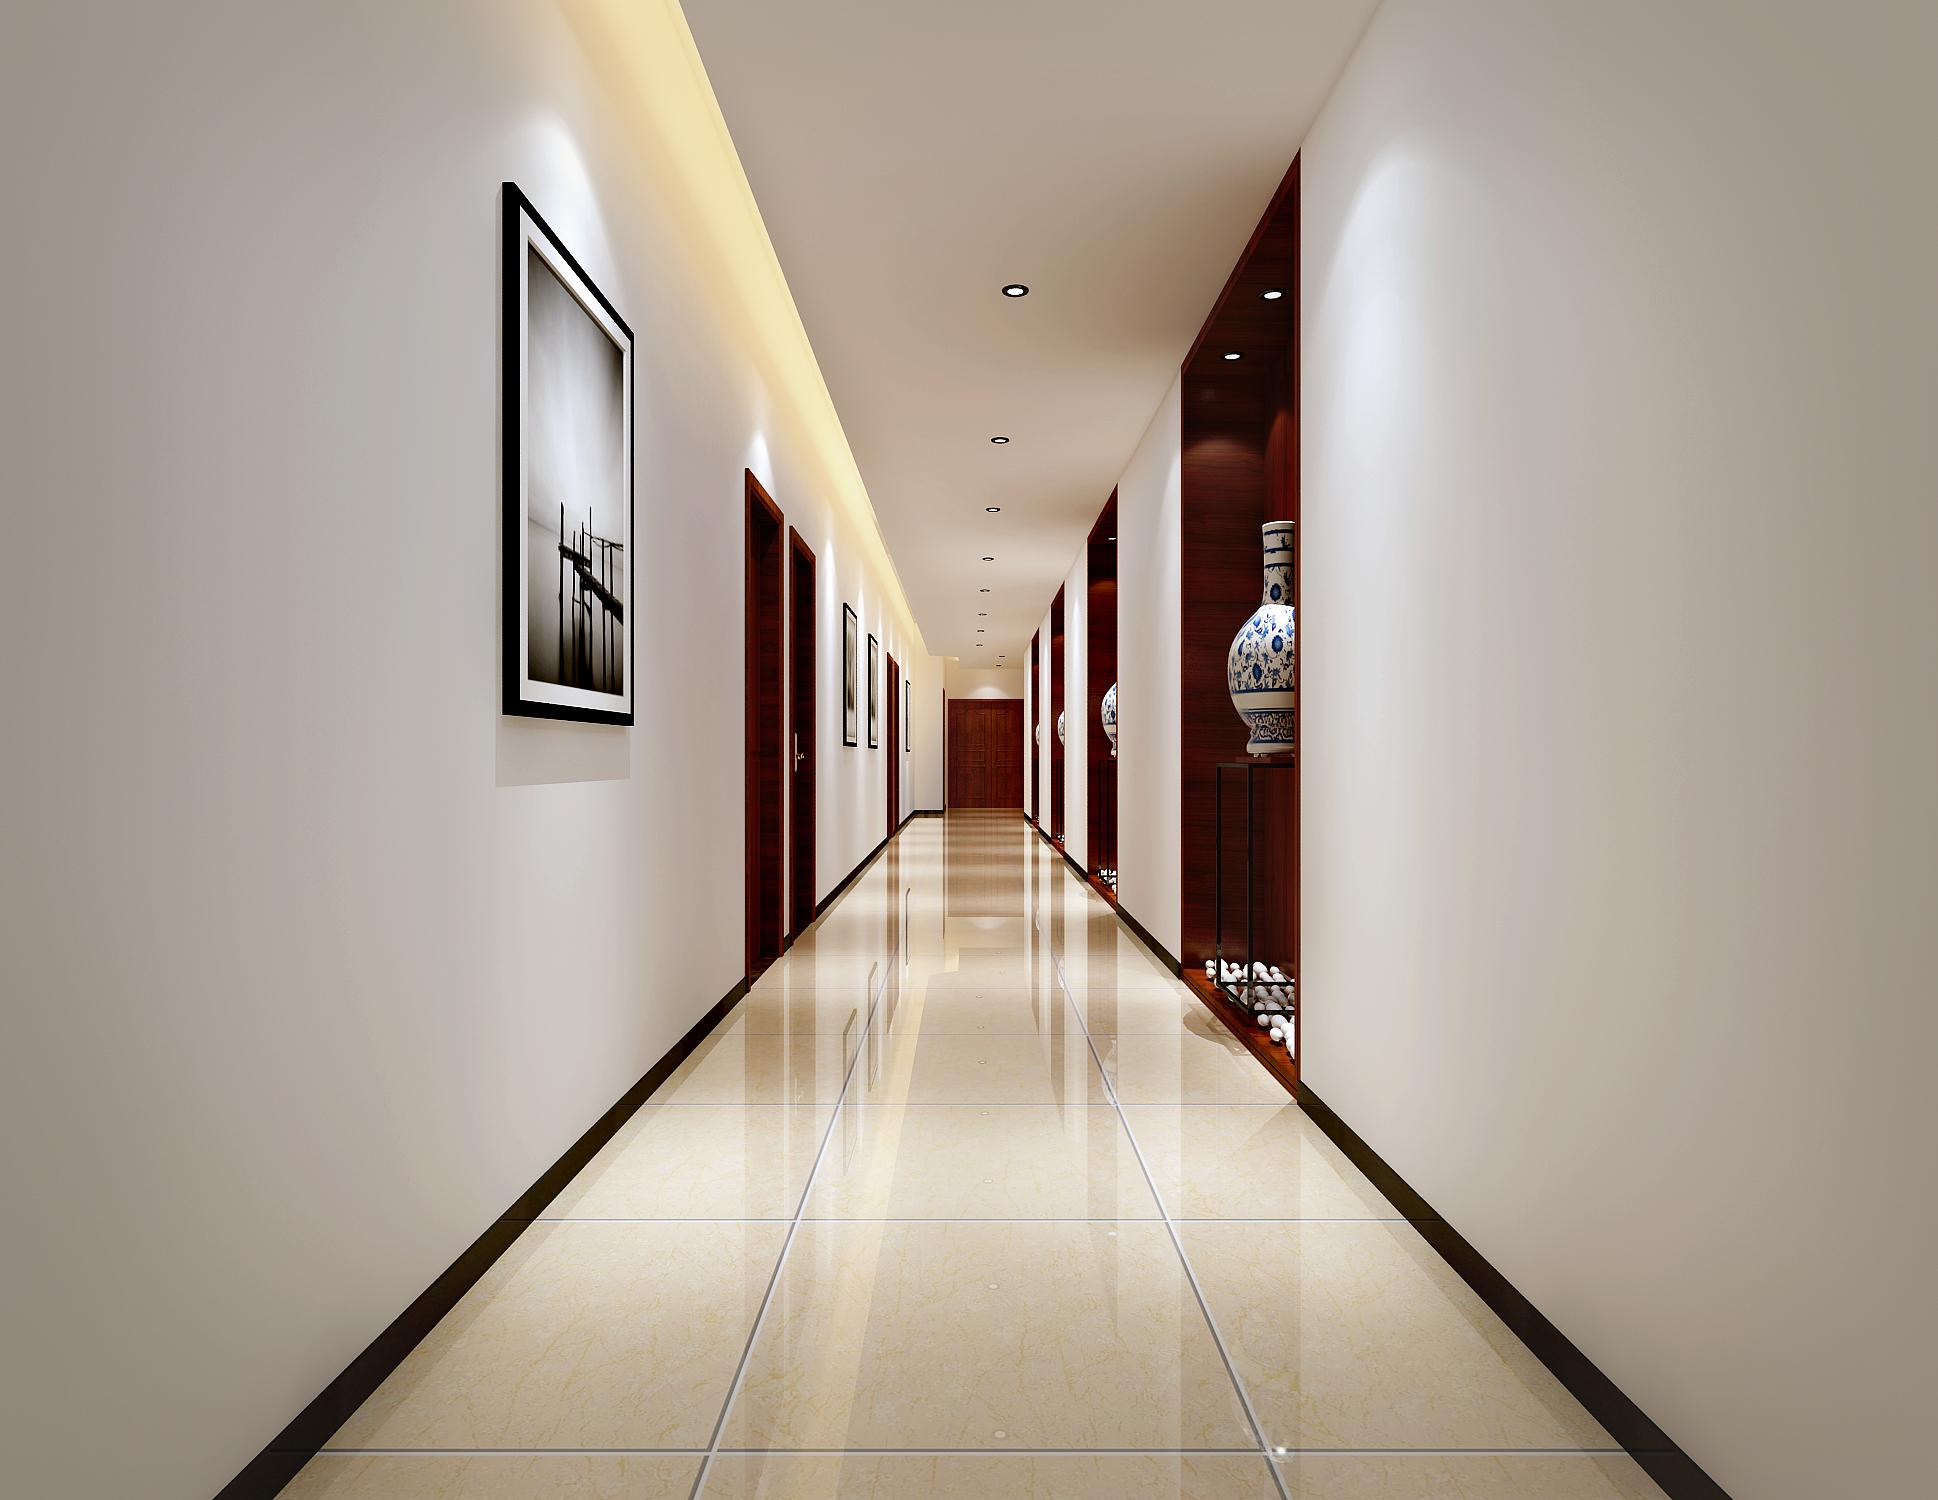 简约舒适的办公室装修走廊图片